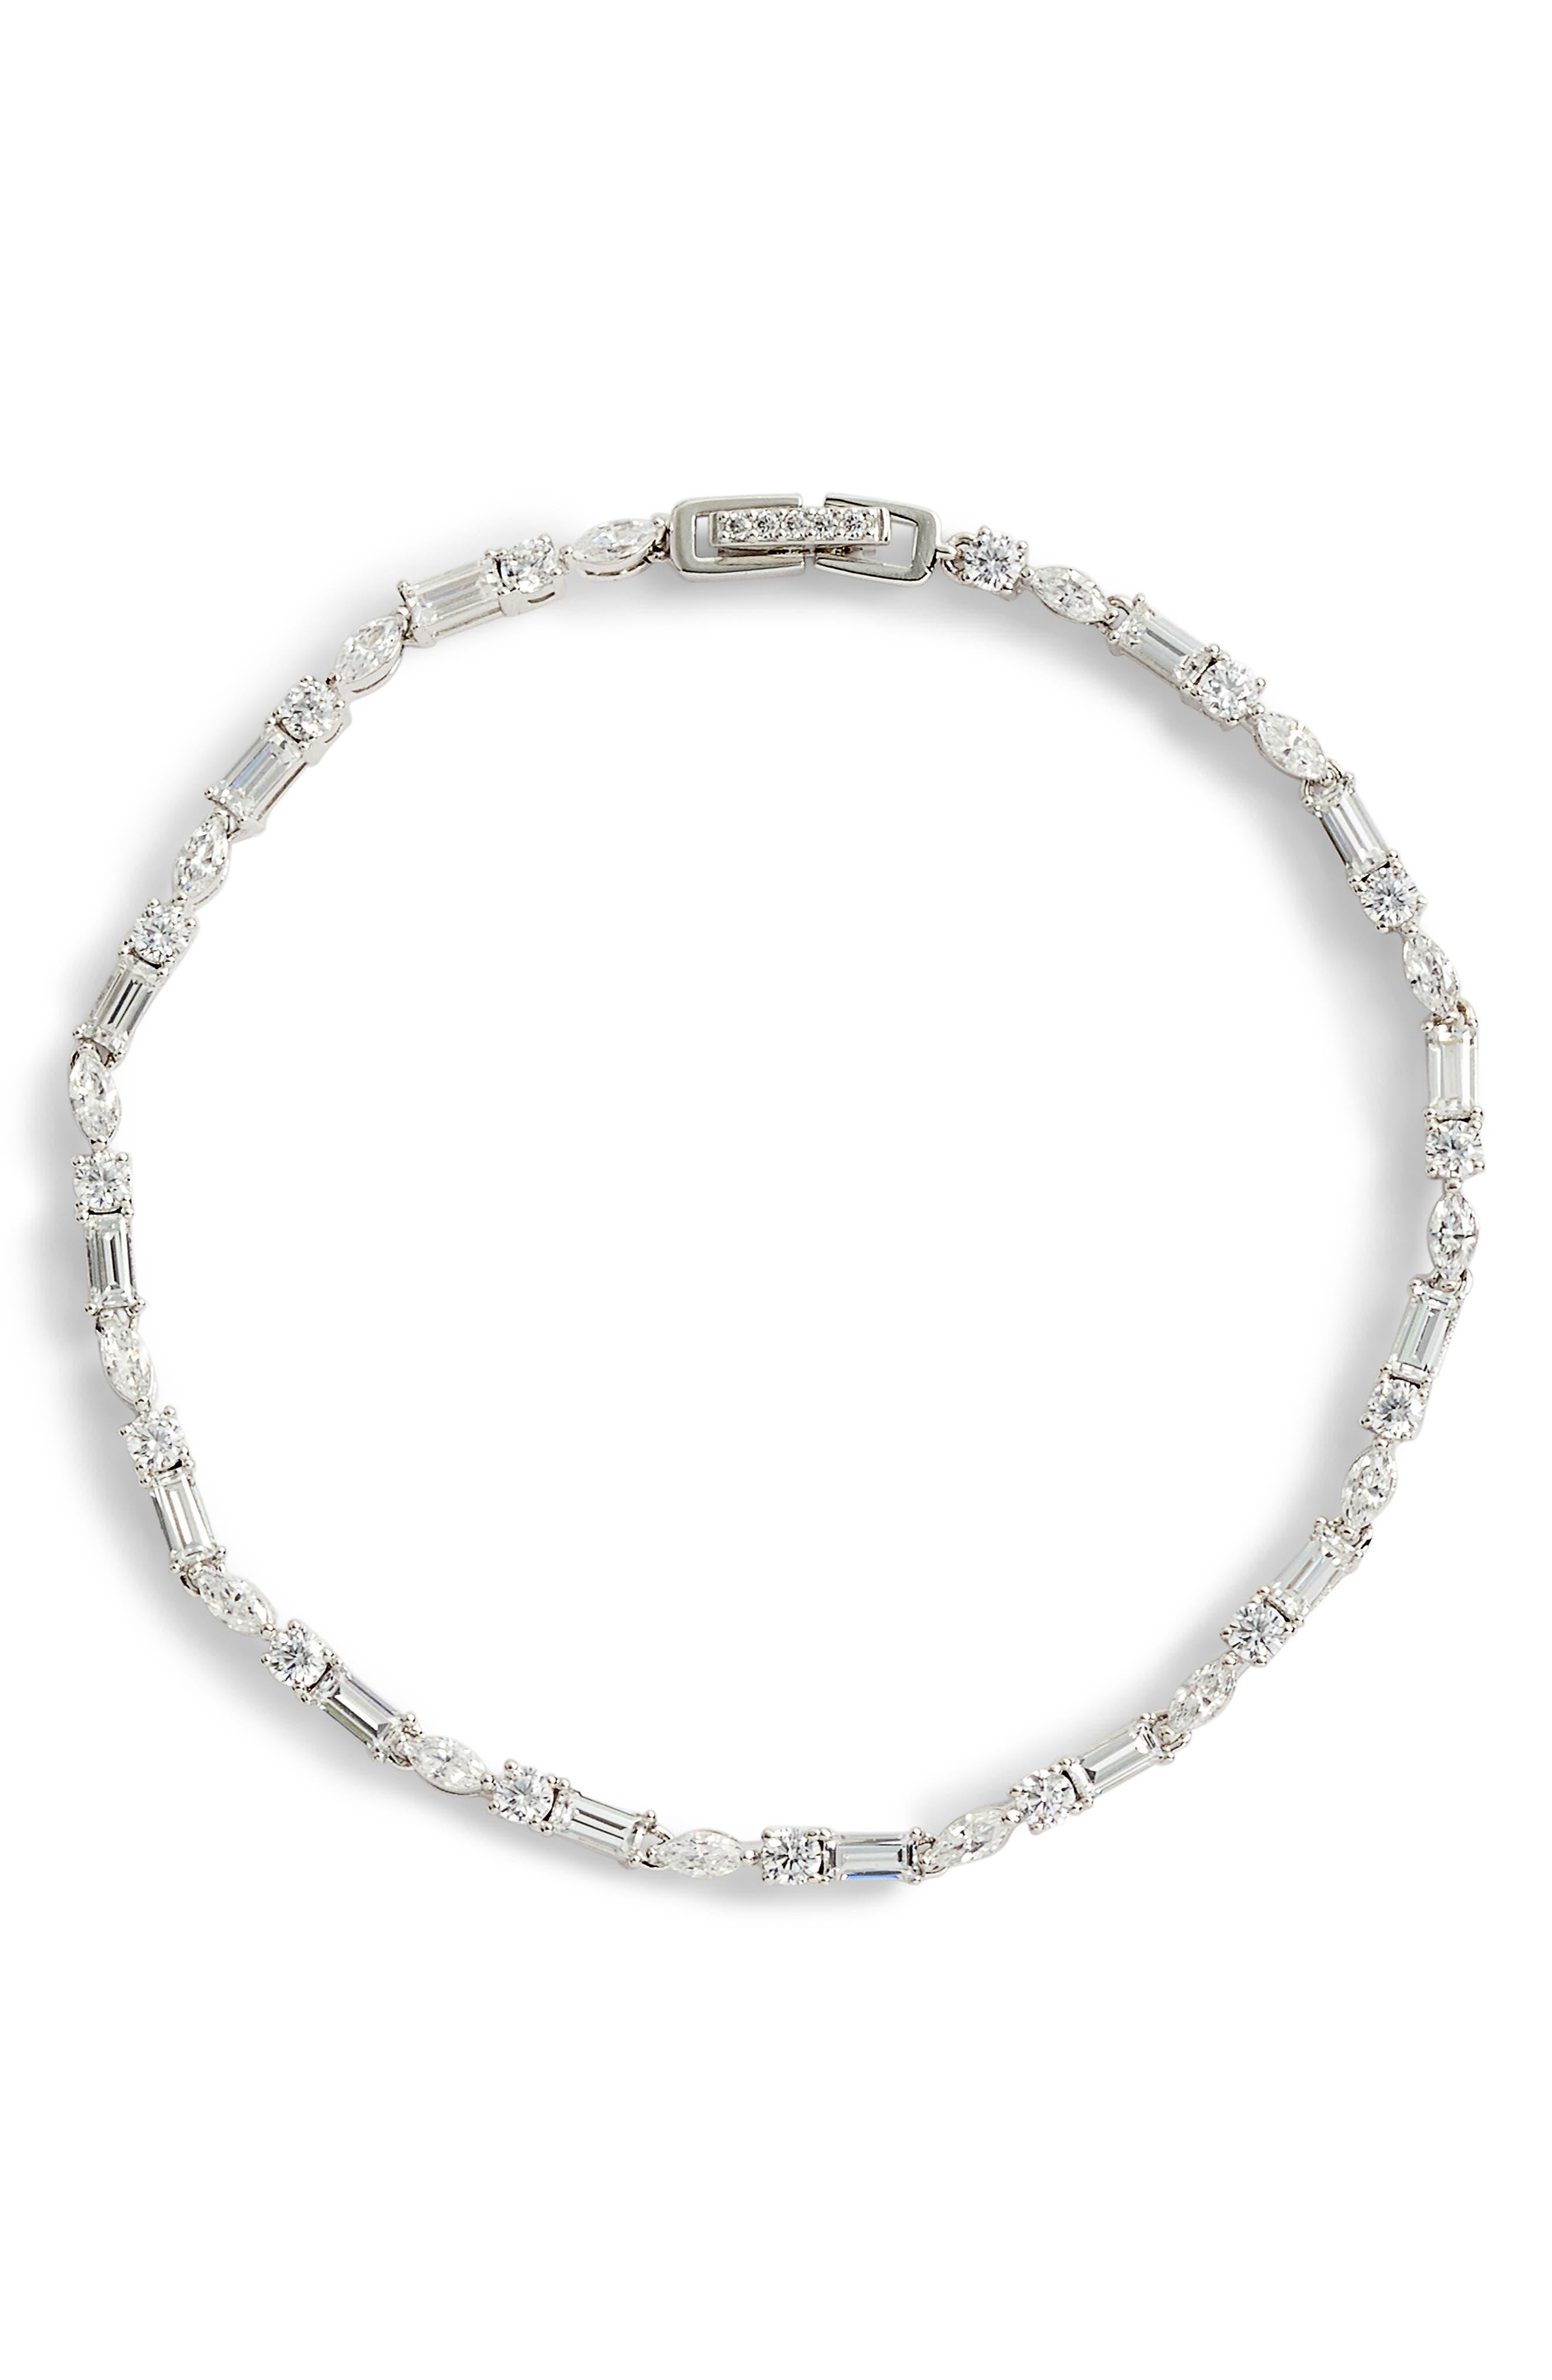 Fanfare Line Bracelet,                             Main thumbnail 1, color,                             040